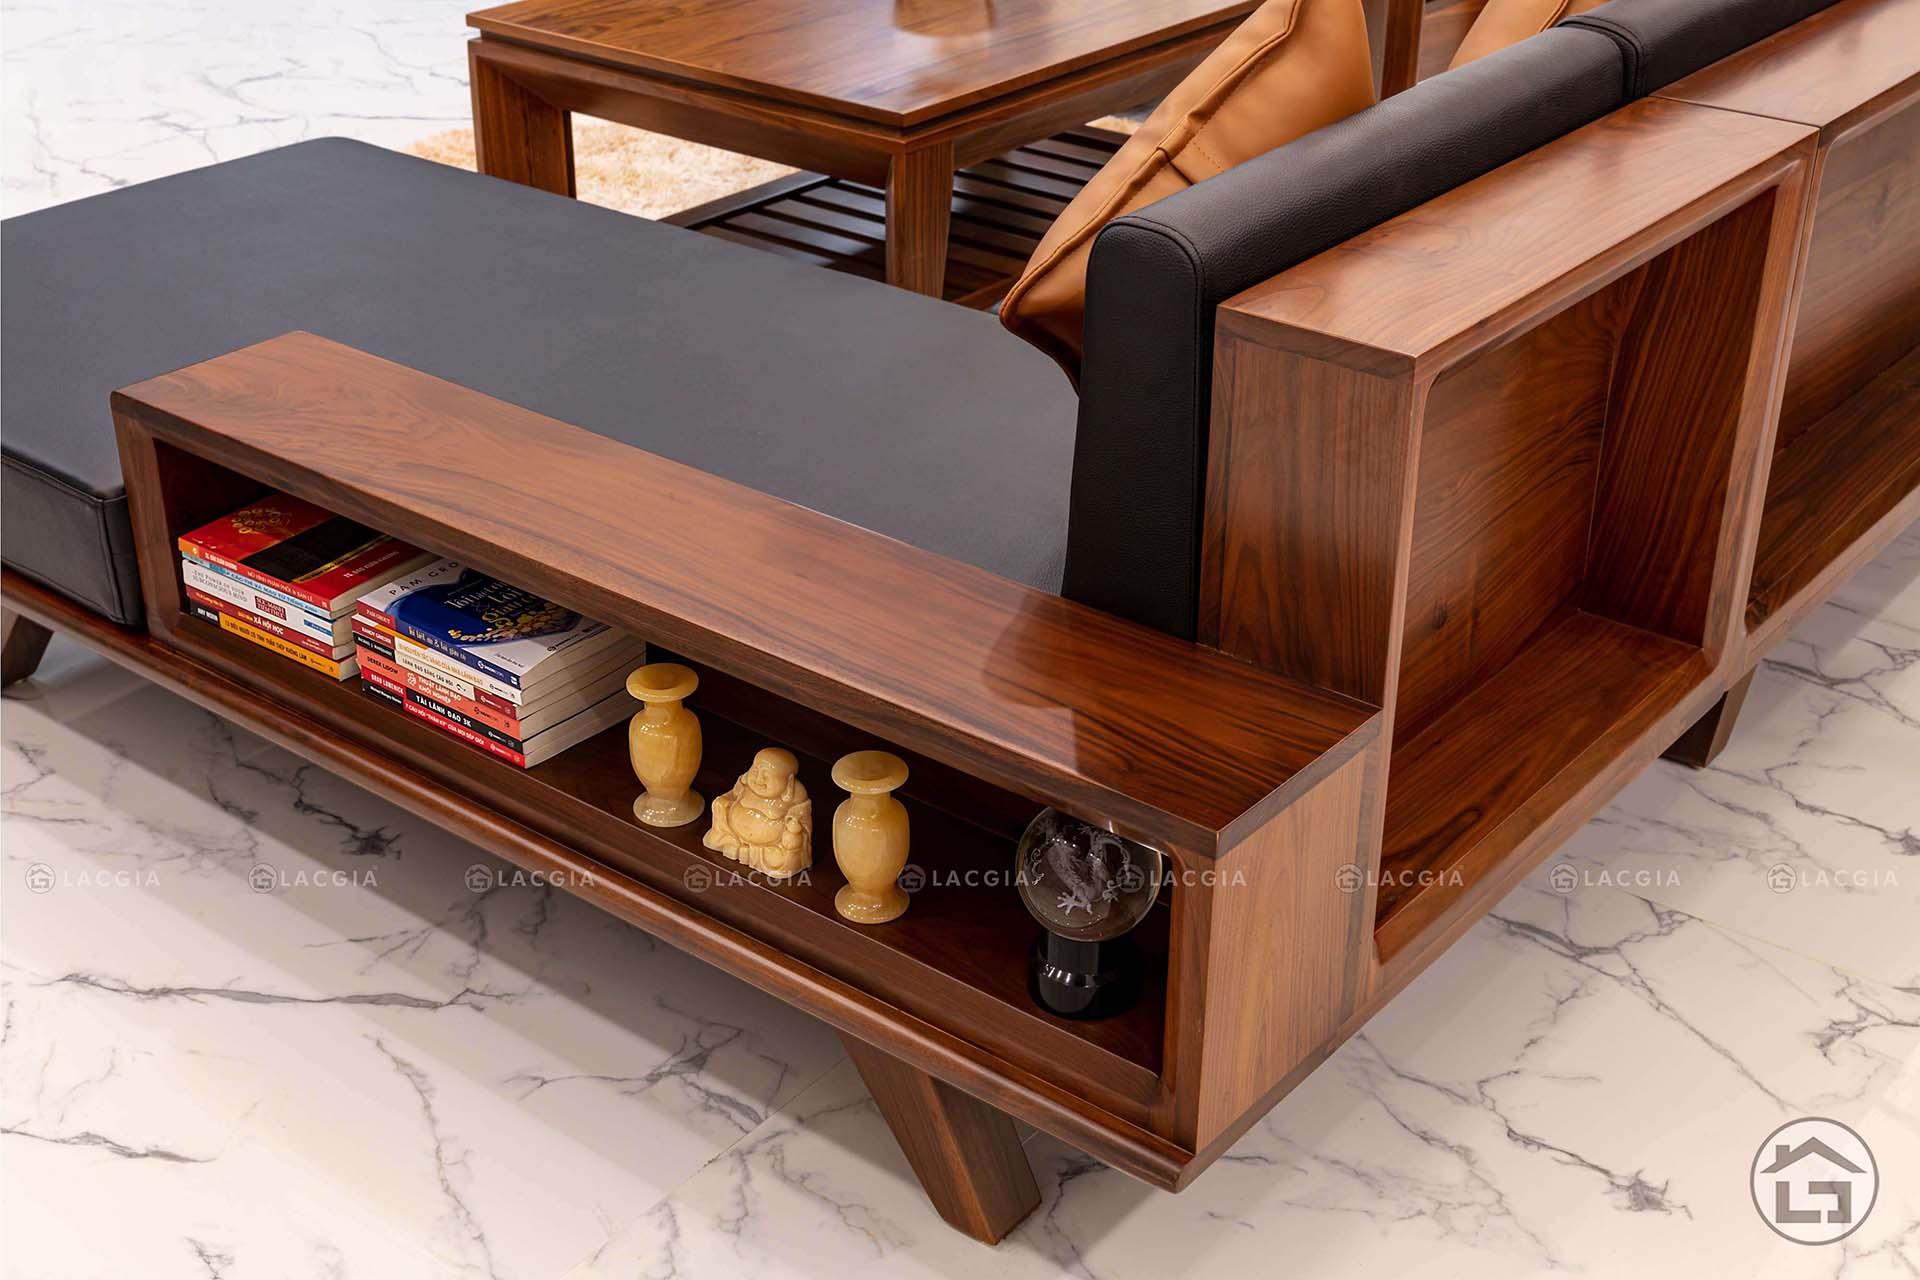 Sản phẩm sofa chữ L dễ tháo lắp, di chuyển và sắp xếp theo ý muốn